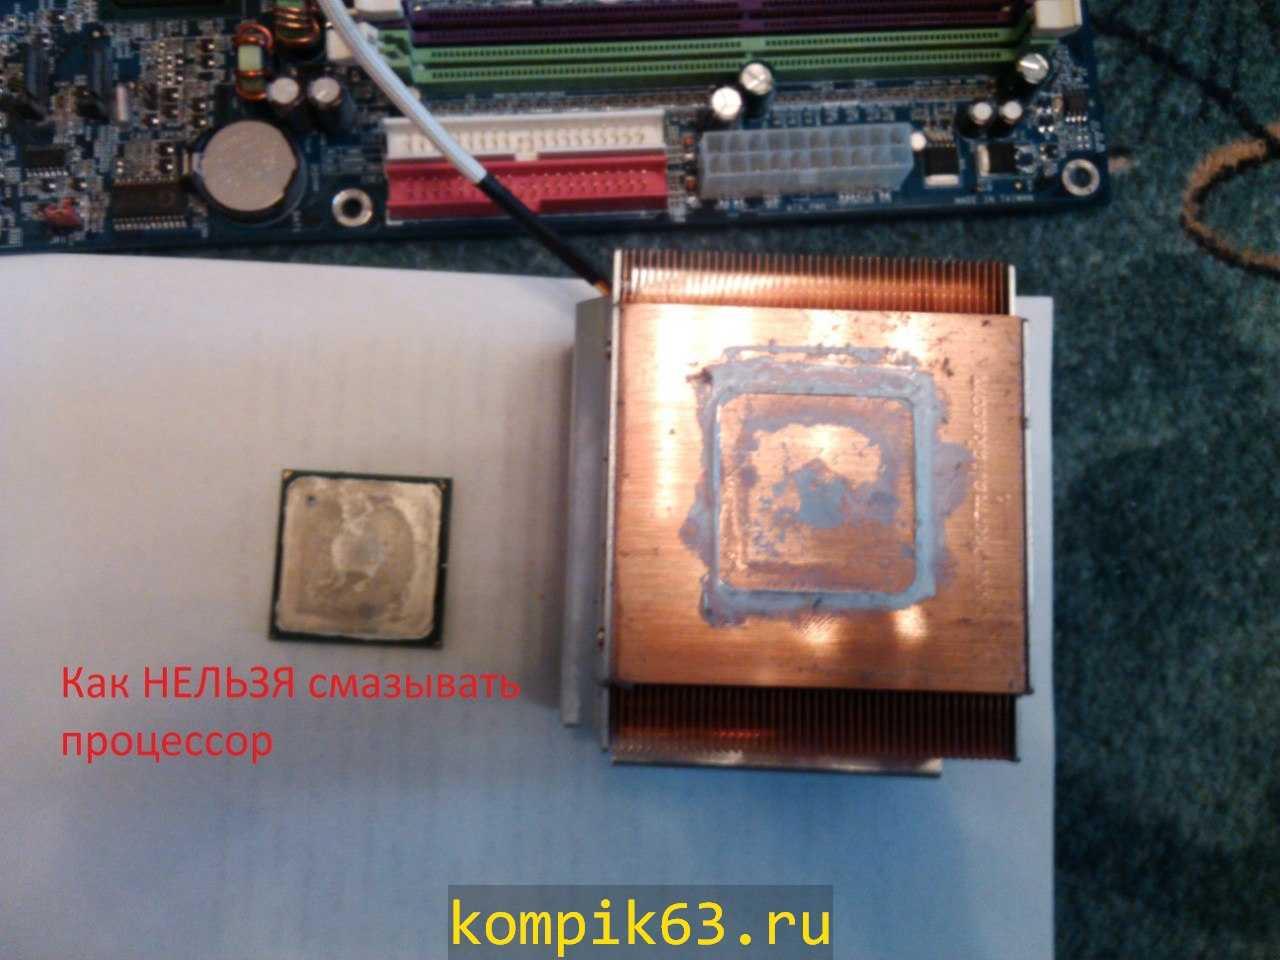 kompik63.ru-190